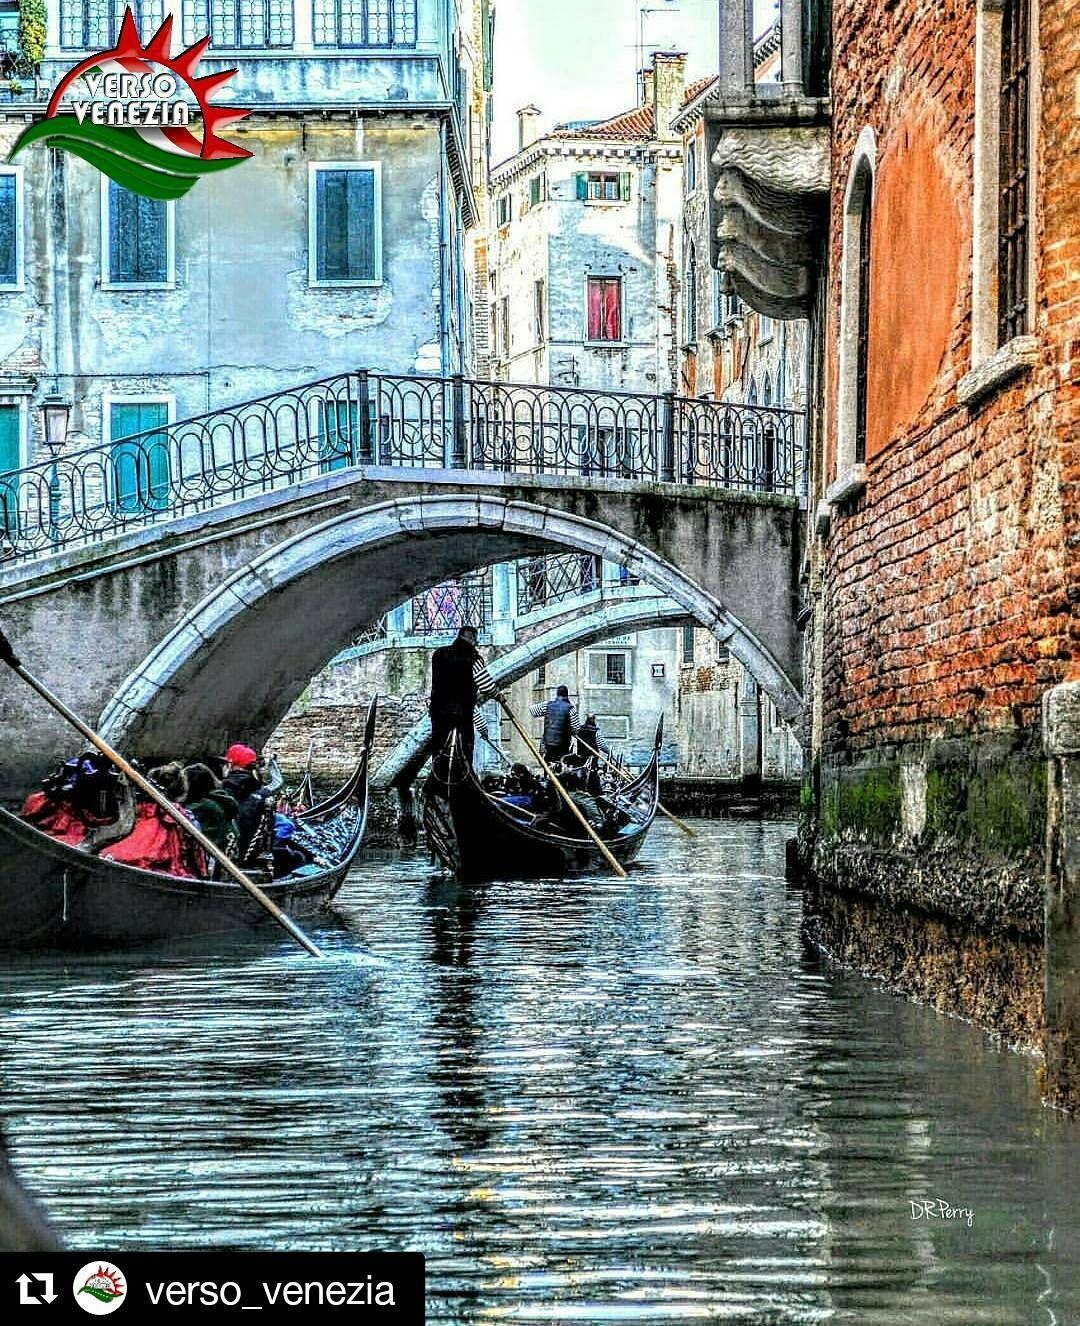 #Repost @verso_venezia with @repostapp  F O T O  D I @david_r_perry              CITTÁ  Venezia NAZIONE  Italia SCELTA DA ADM  @vincenzo_pagliara   HASHTAG  #verso_venezia  GRUPPO  @verso_community  ALTRI HASHTAG -  #venezia #venice #piazzasanmarco #veneto  #vivoveneto #igersvenezia #gondola #bridge #volgovenezia #veneziaunica #veneziadavivere #veneziagram #bestpic #bestoftheday #bestphoto #myvenice #visitveneto #visititalia #igersveneto #igersvenezia #volgoveneto #italy #loves_veneto…